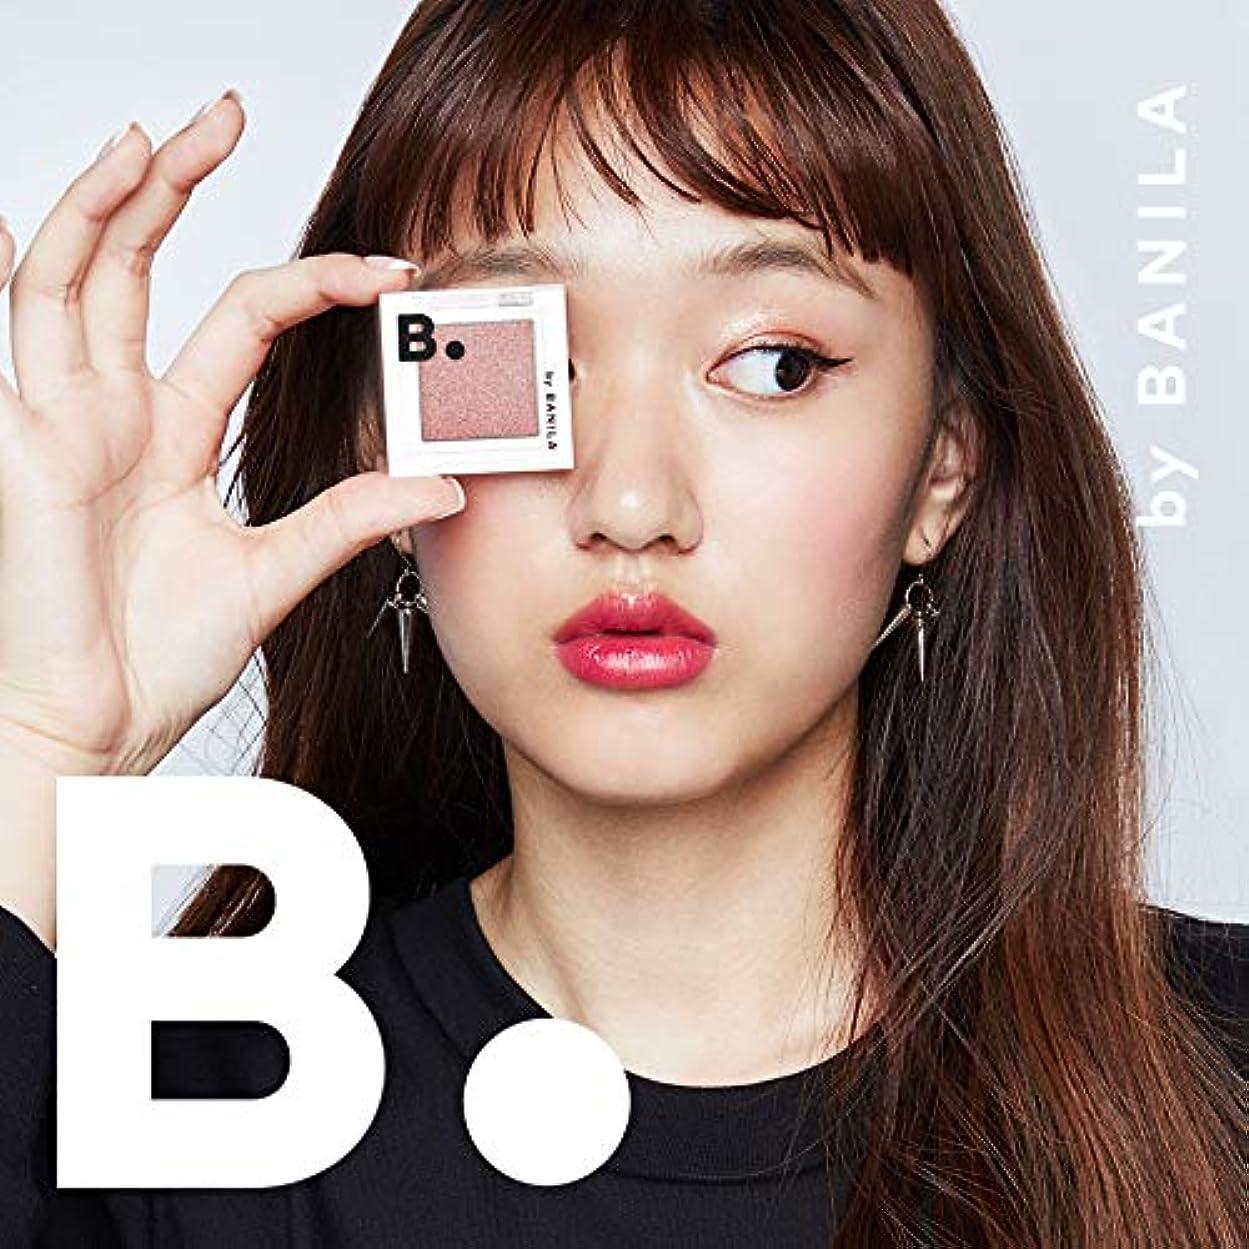 B. BY BANILA アイクラッシュ スパンコール ピグメント GD01